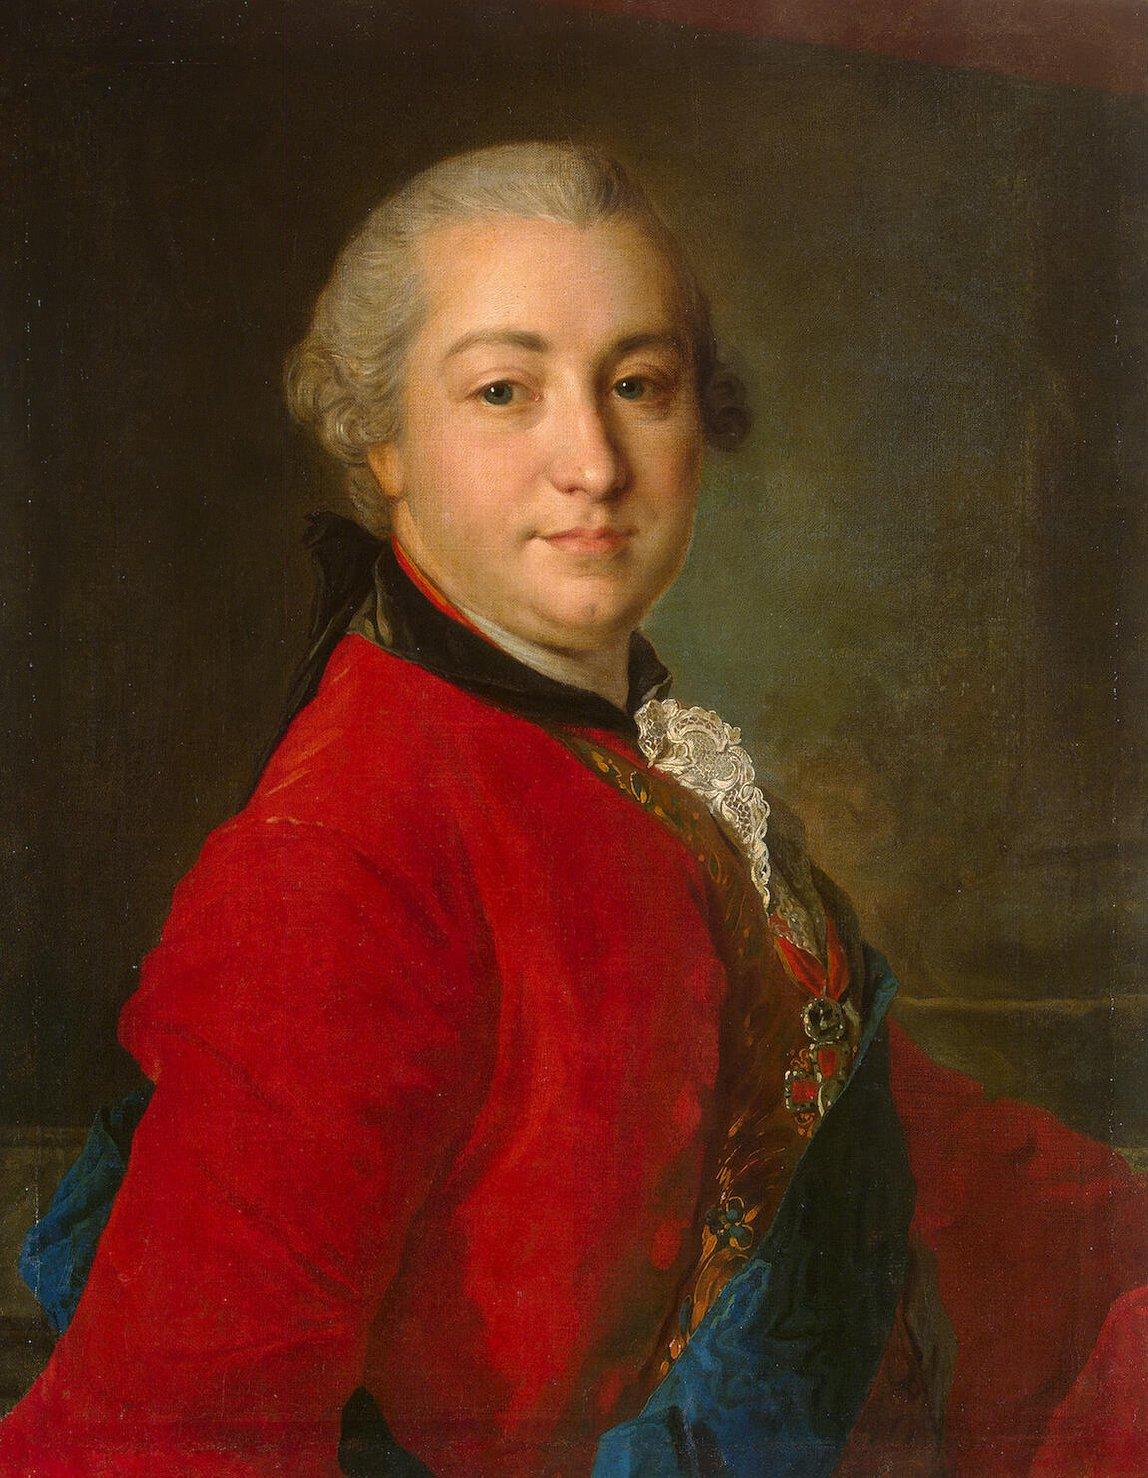 Ivan Shuvalov - Wikipedia